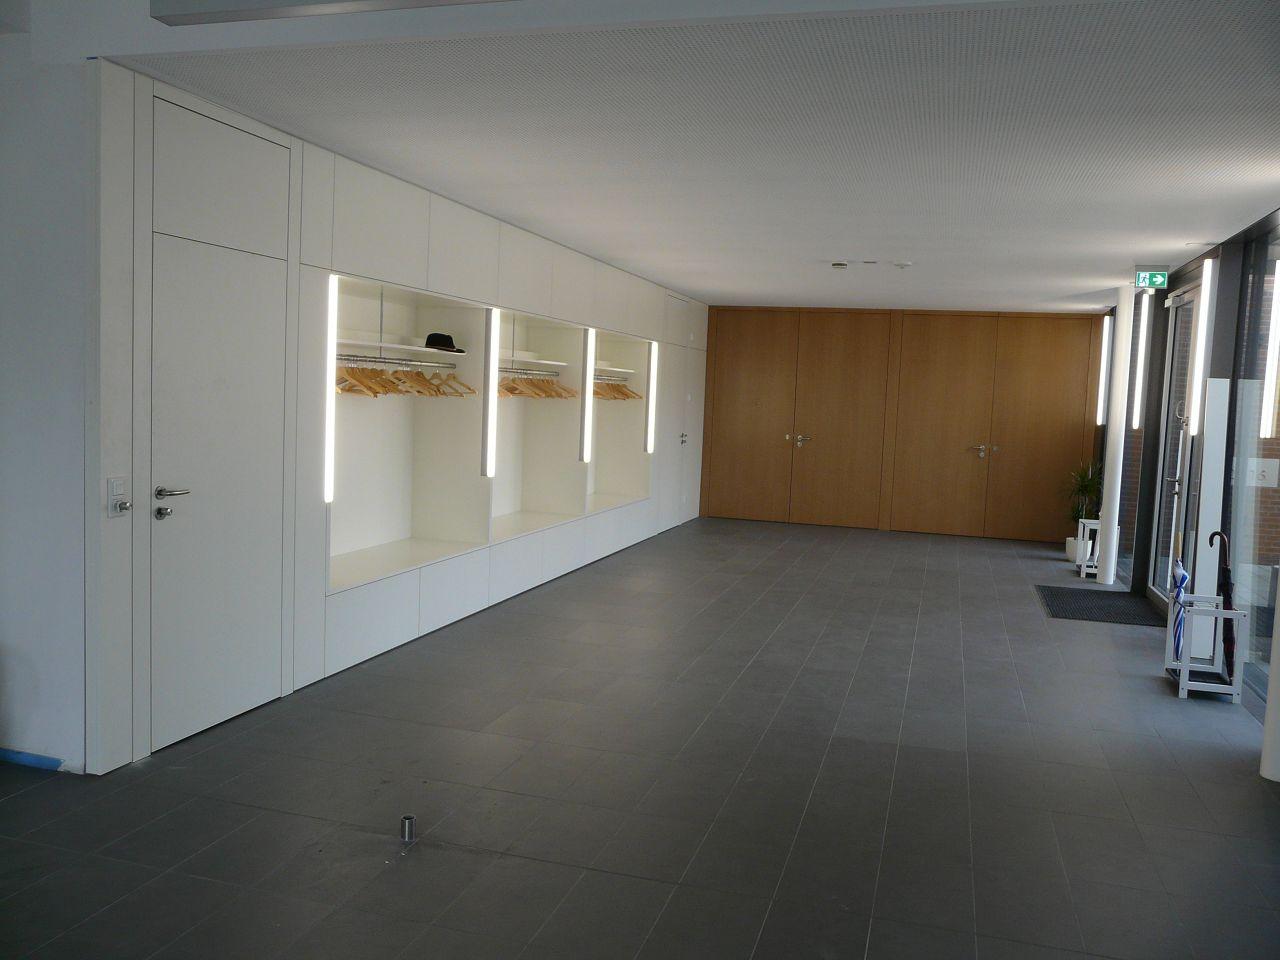 Tischlerei-Baeumer-Altenberge-Pfarrheim-Lengerich-Einbaumoebel-Innentueren_02